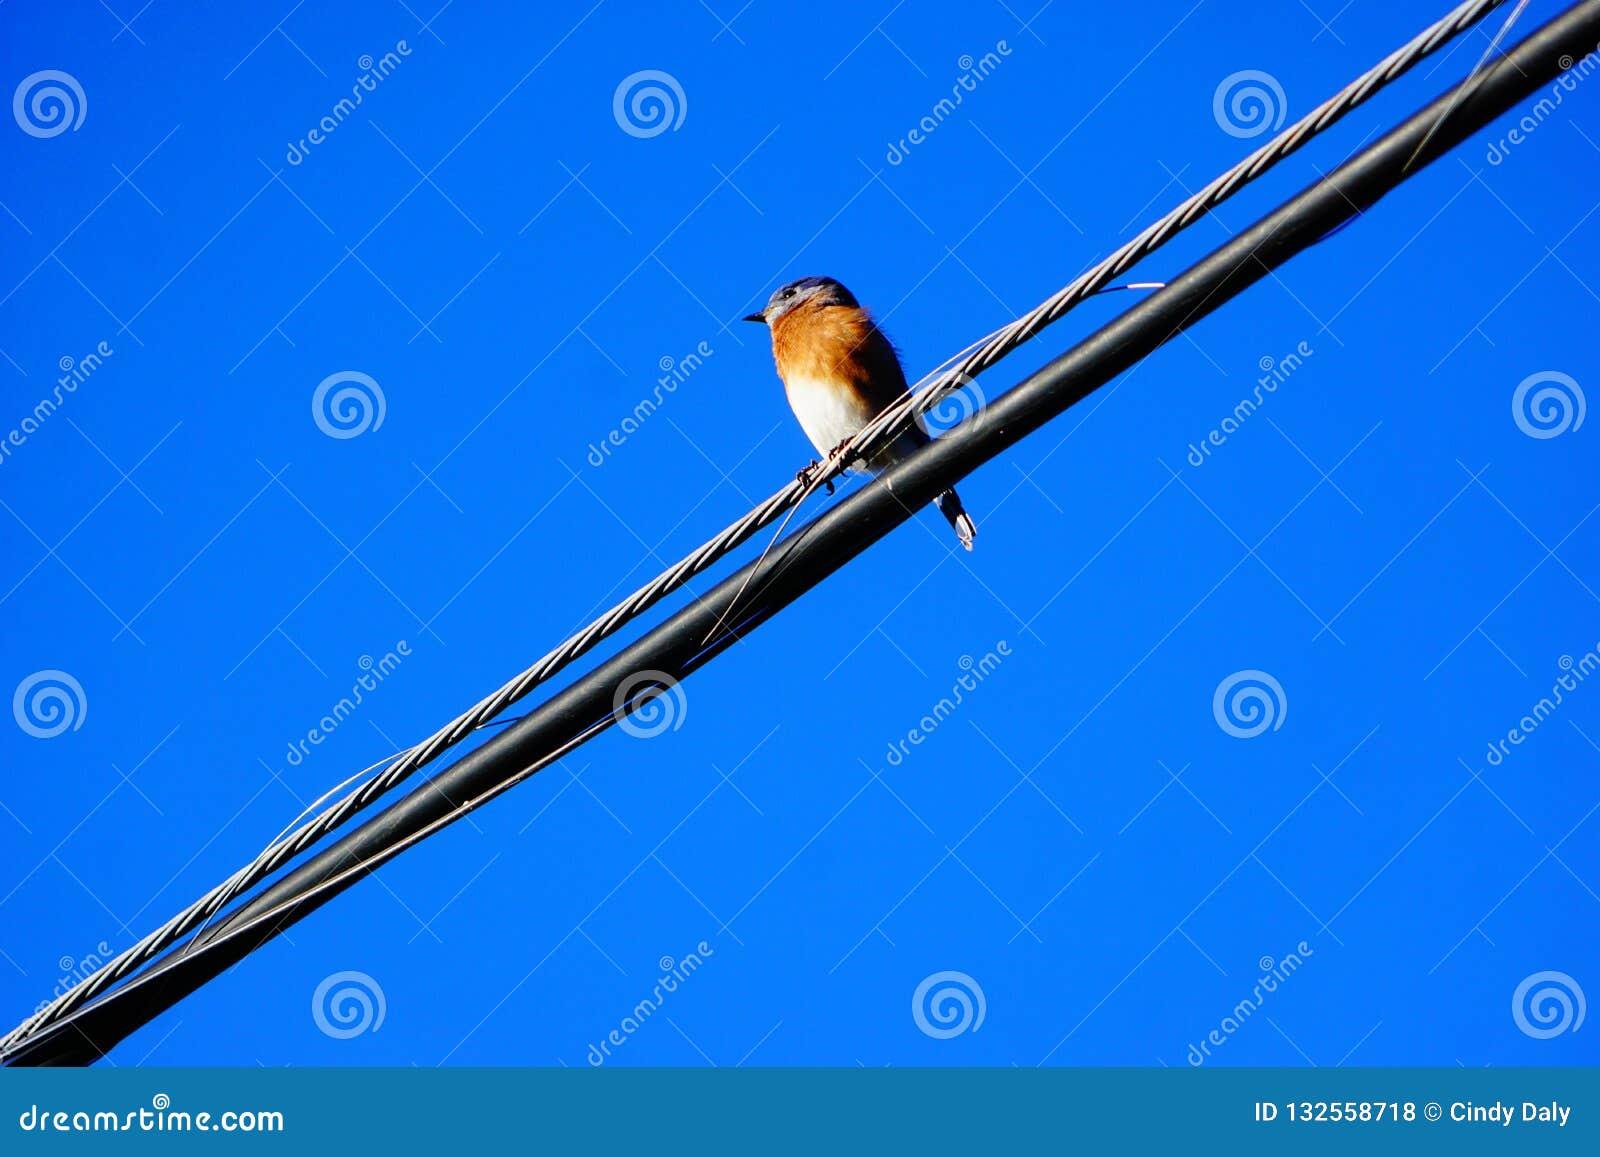 Μια φωτογραφία μιας συνεδρίασης πουλιών σε ένα καλώδιο